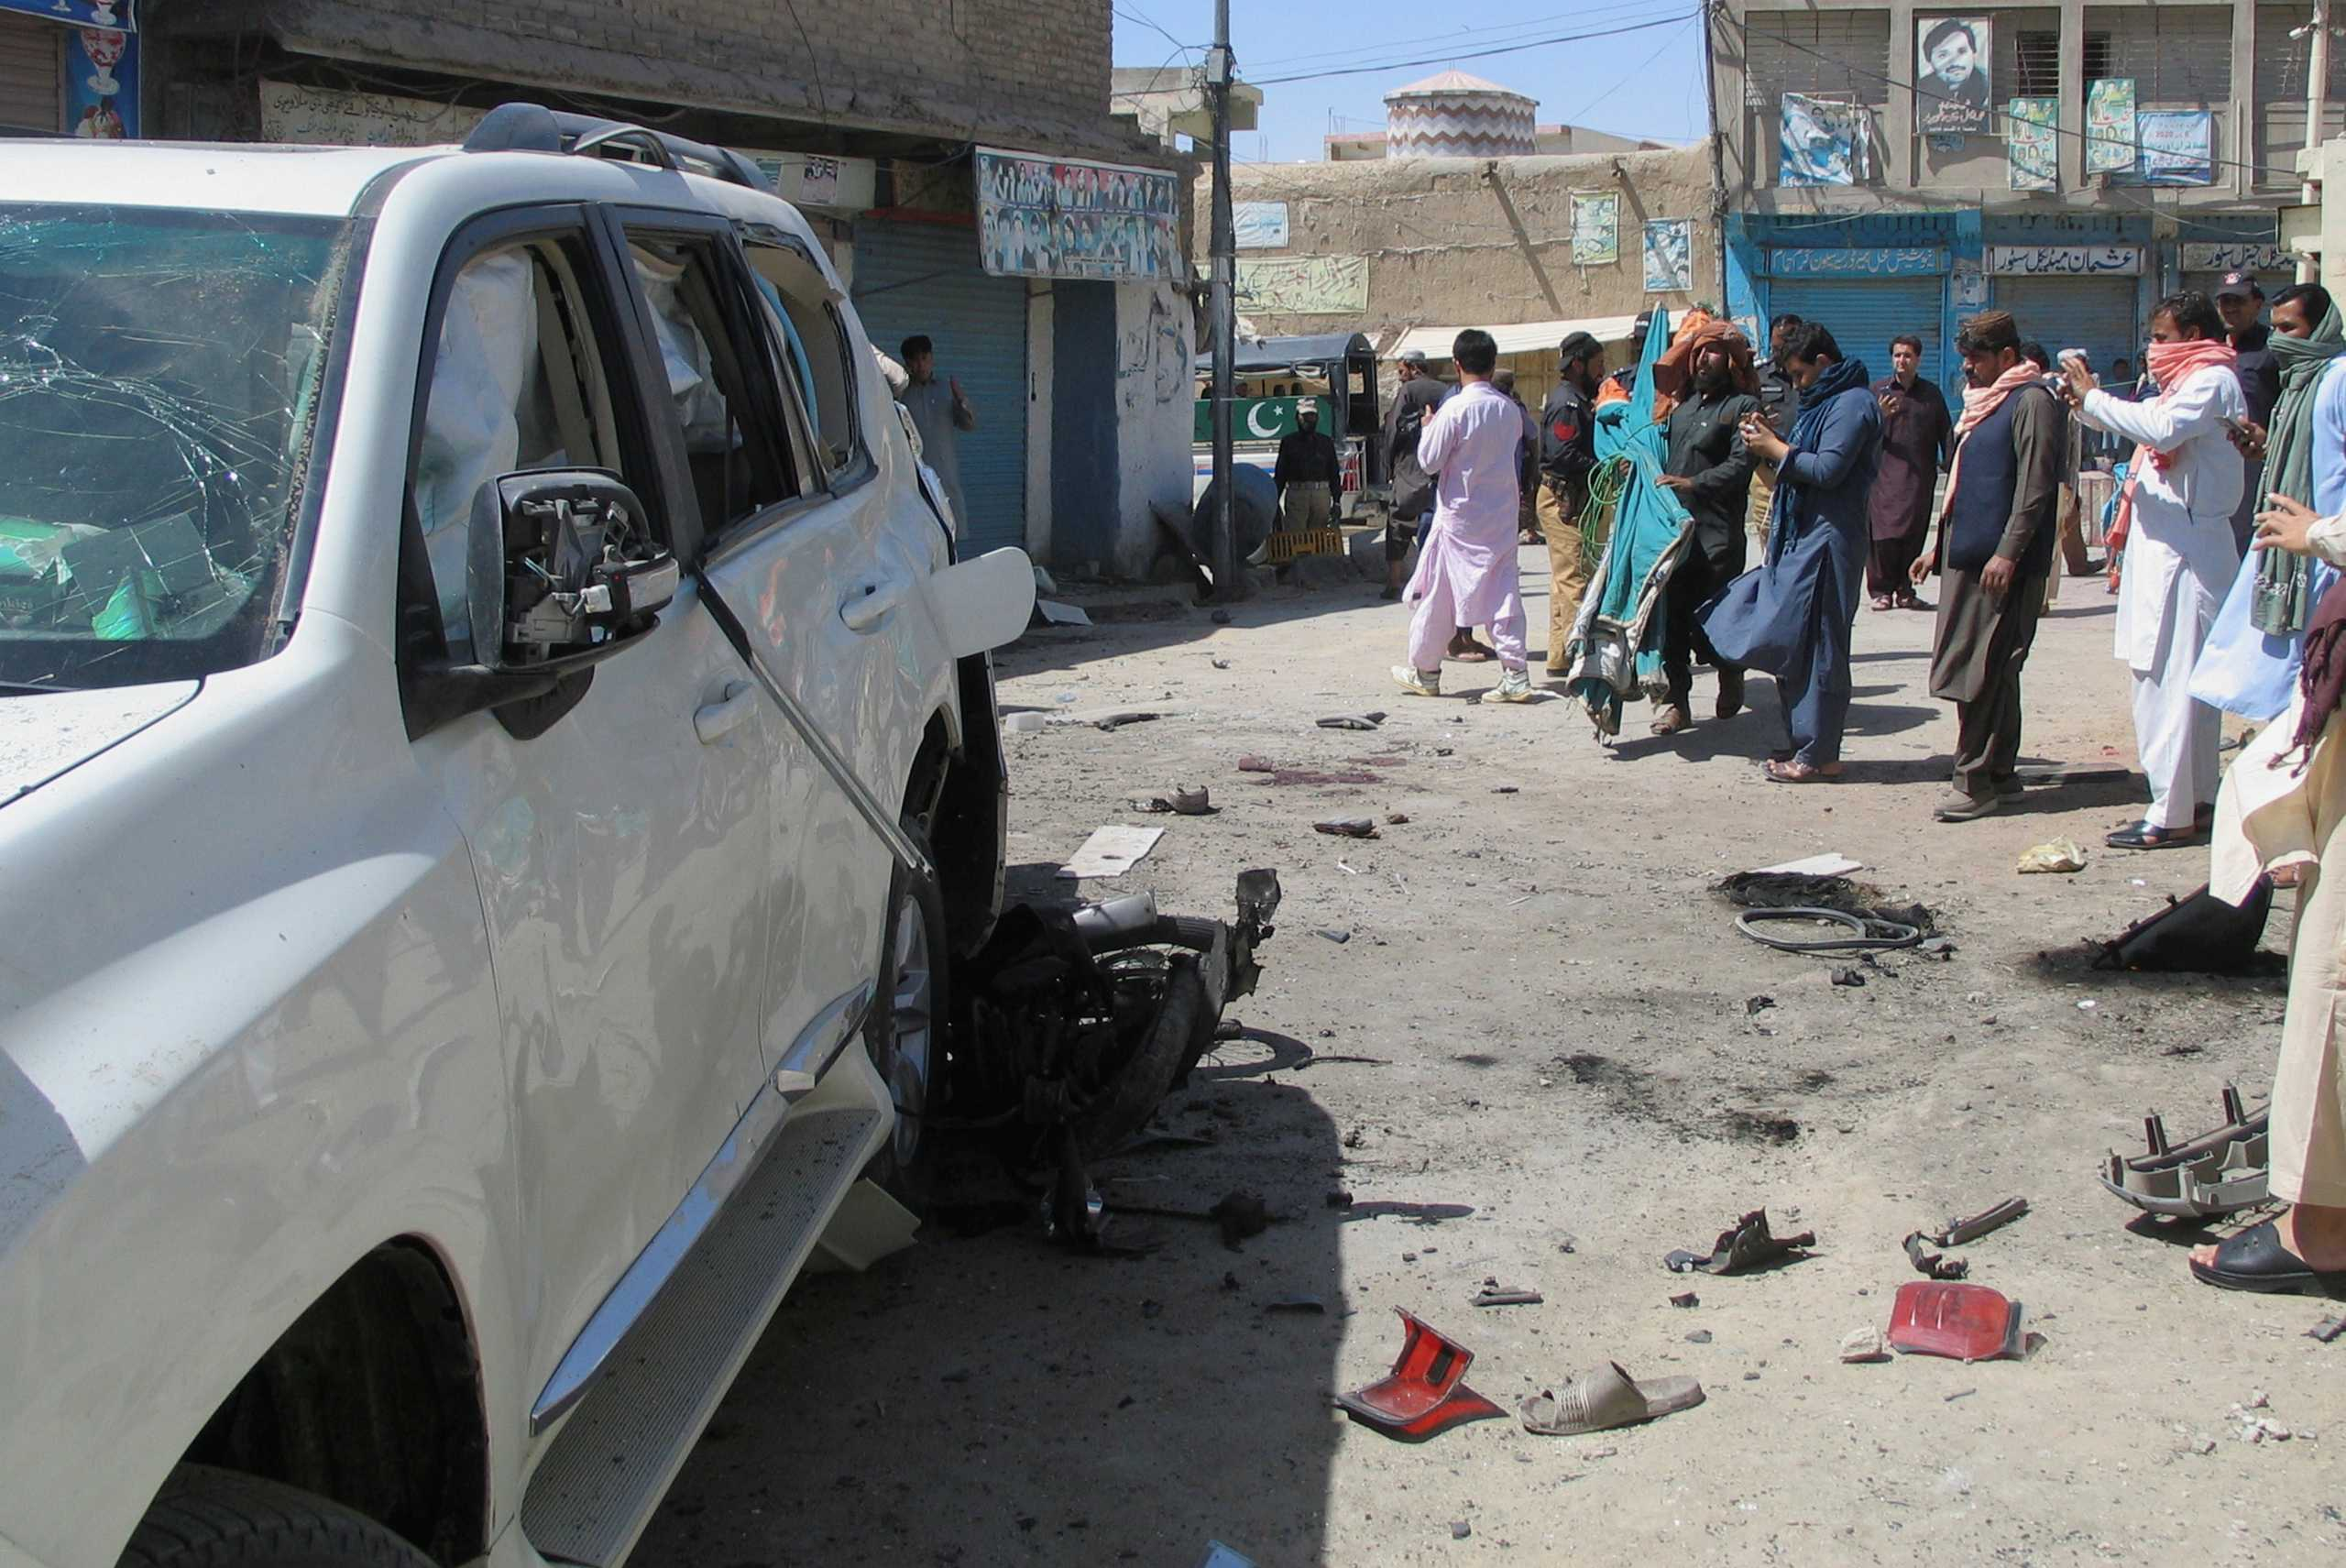 Λίβανος: Ενέδρα σε μέλη της Χεζμπολάχ – Πέντε νεκροί και πολλοί τραυματίες